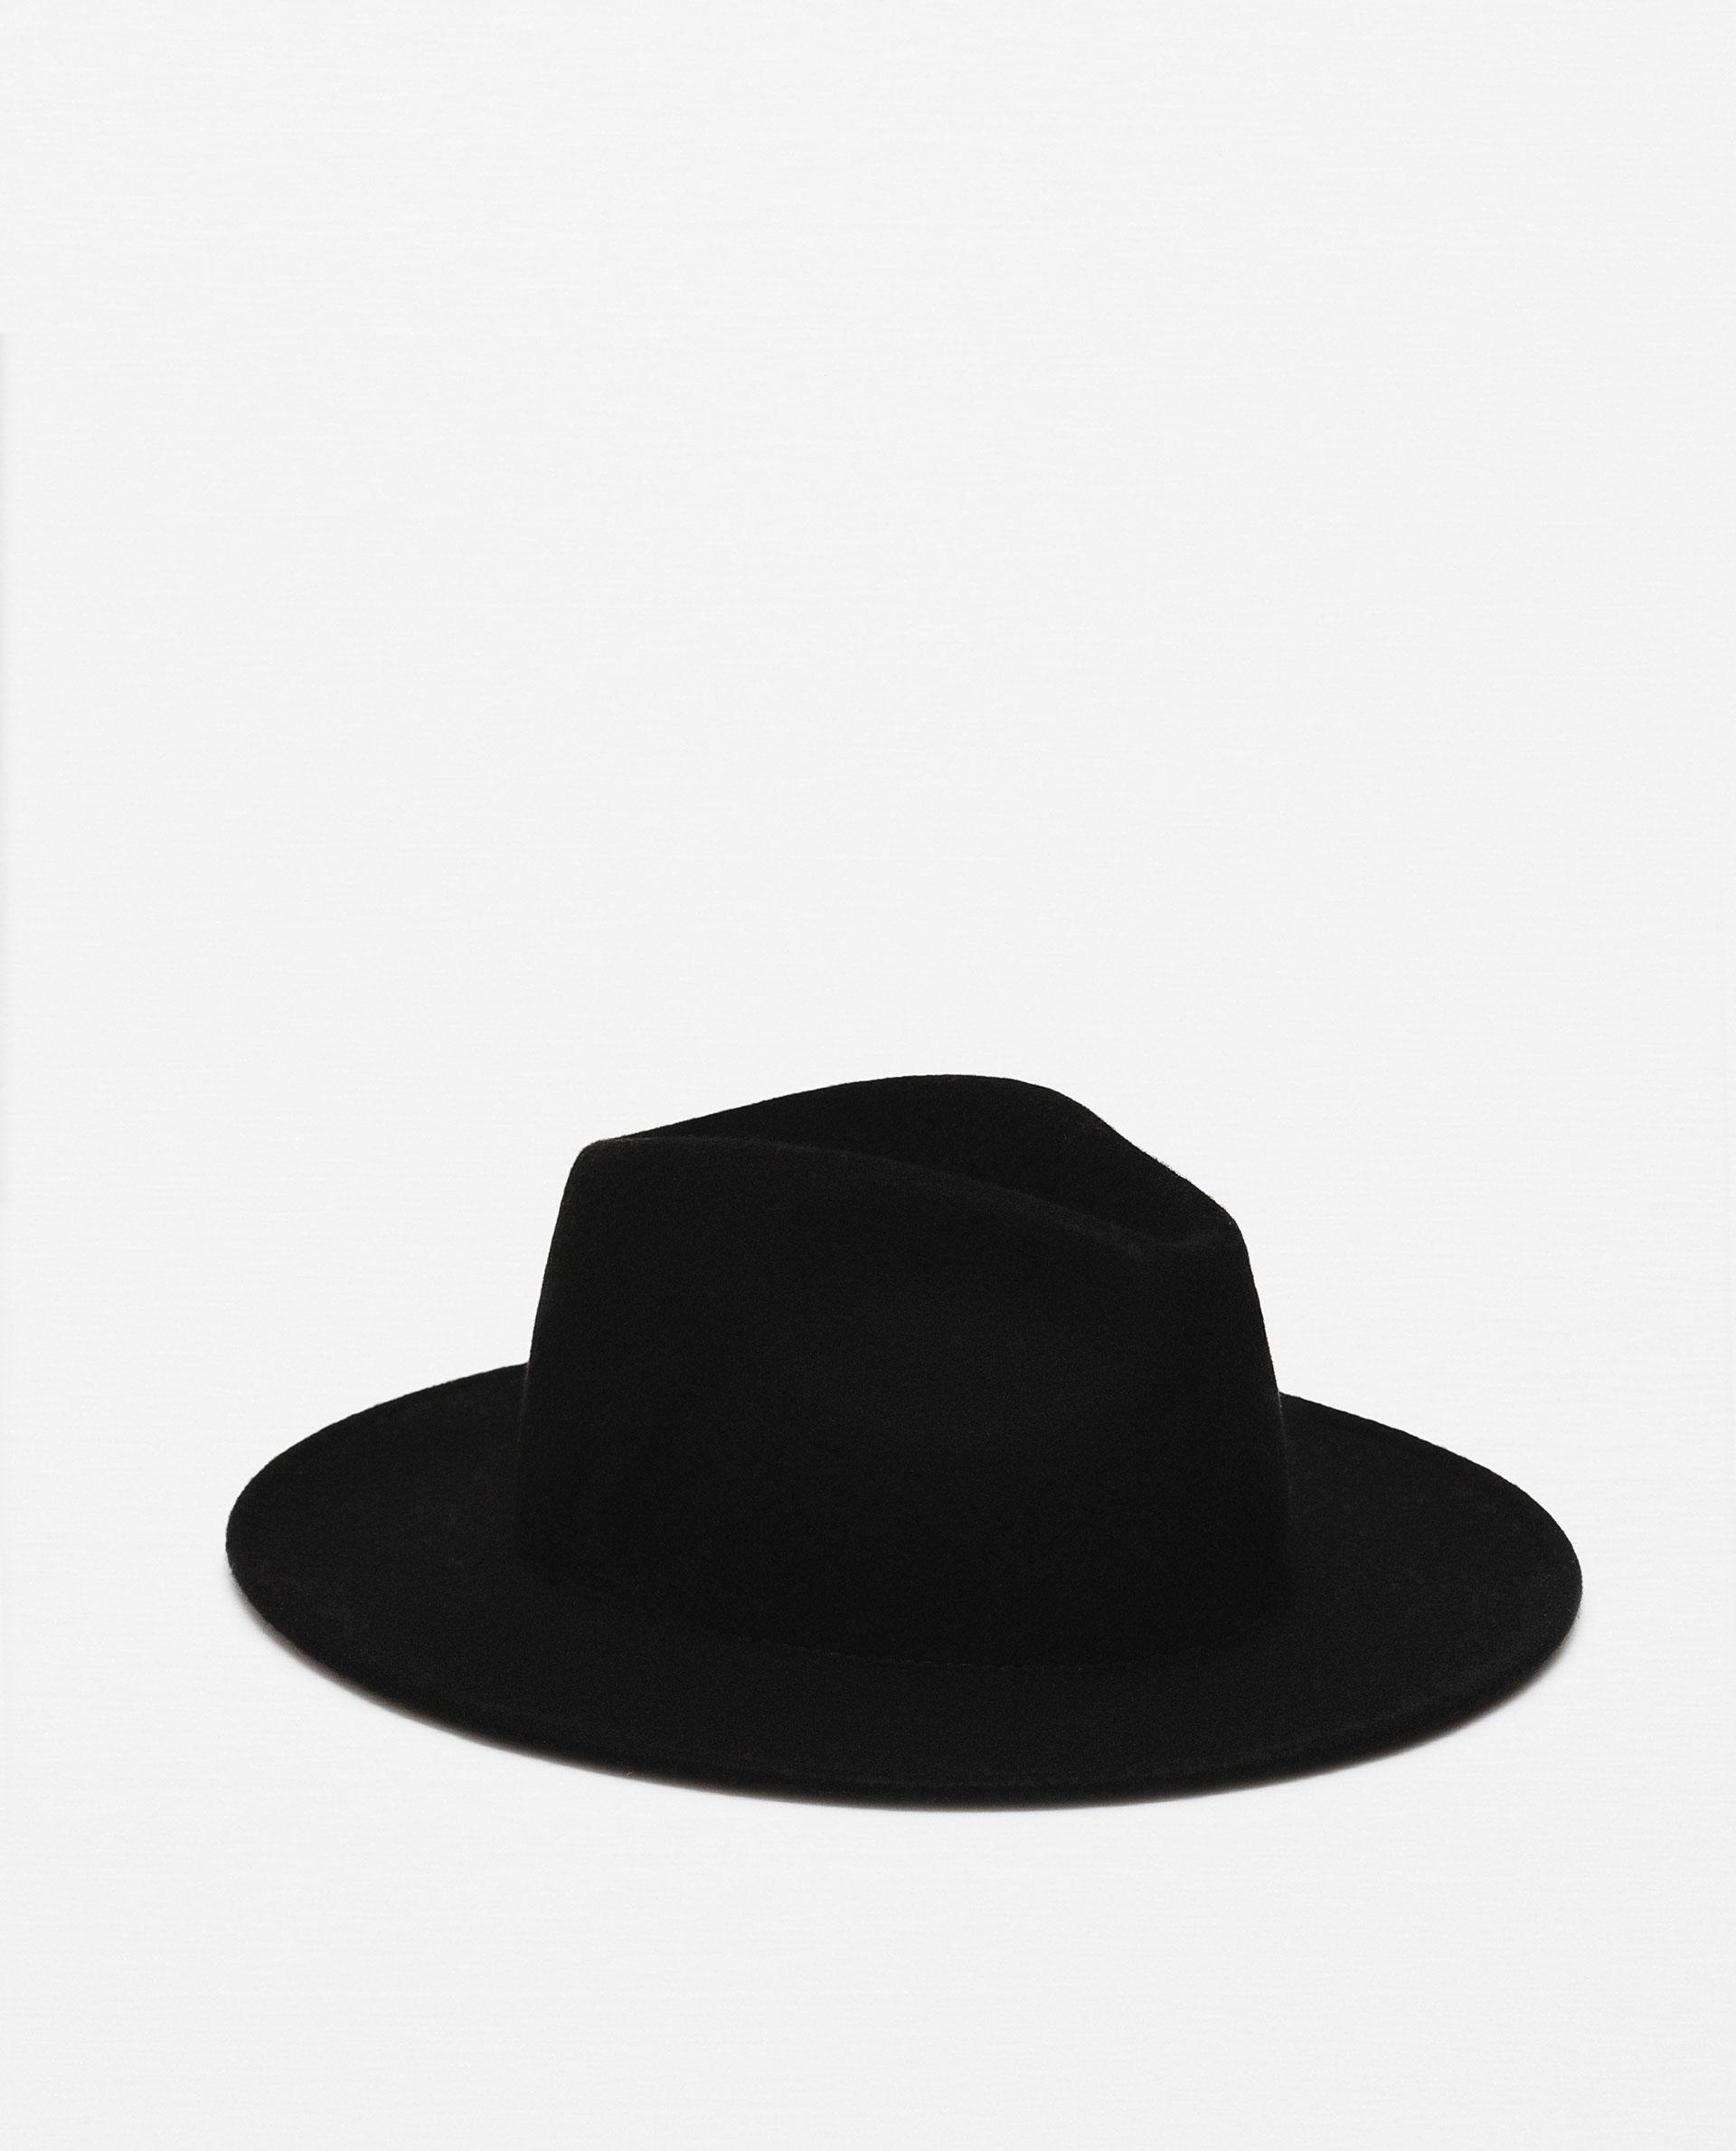 Zara Zara Felt Brim Hat Size one size - Hats for Sale - Grailed 2cdc2f27f8b